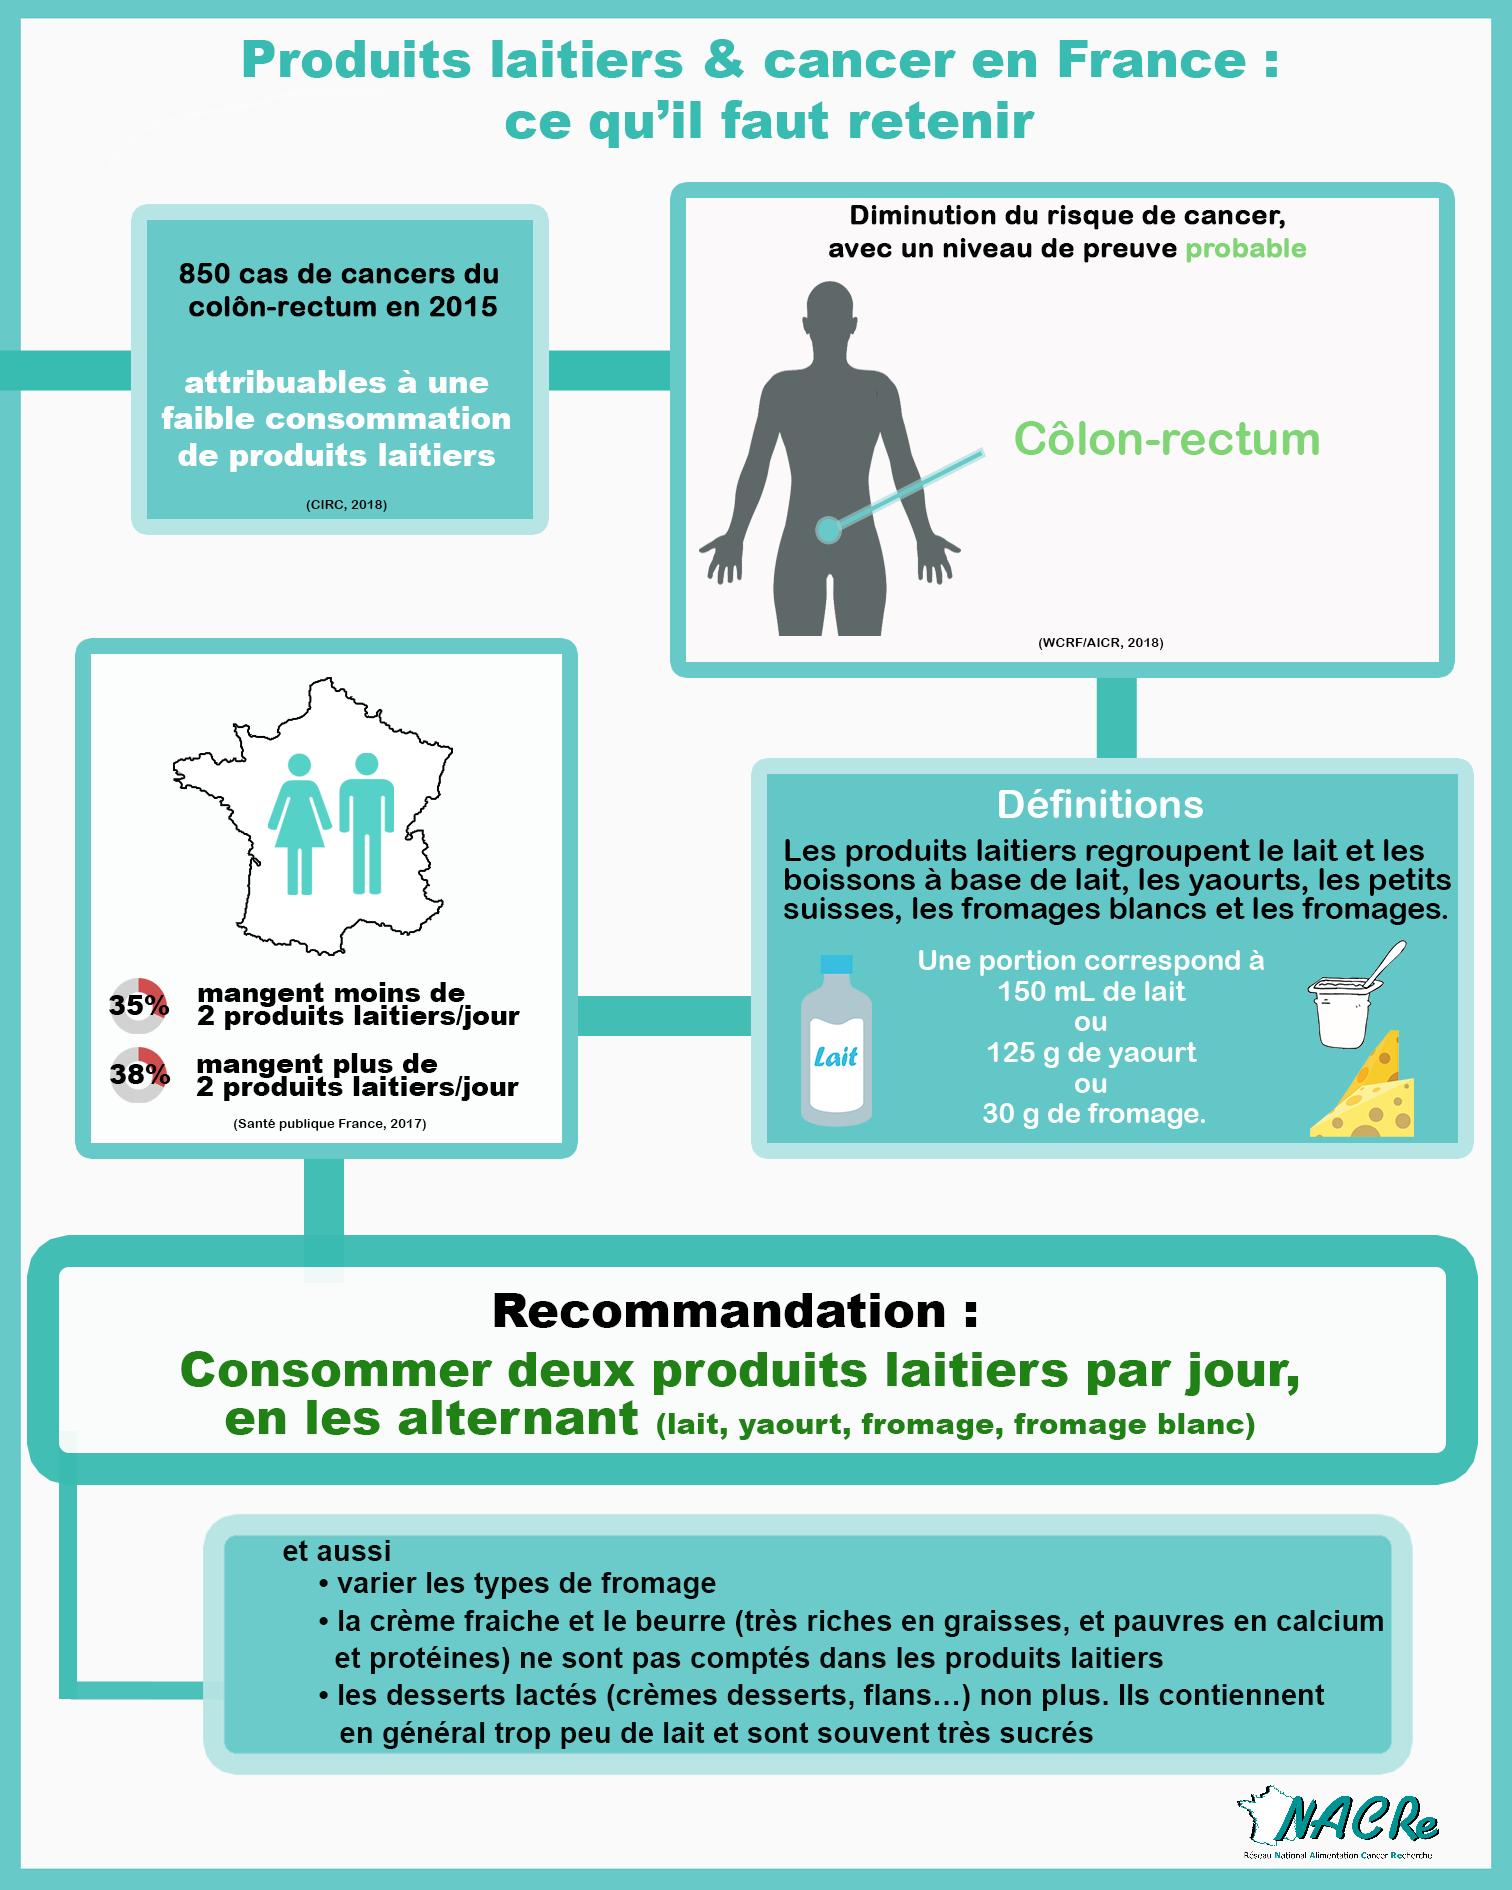 Infographie Produits laitiers et risque de cancer France 2020